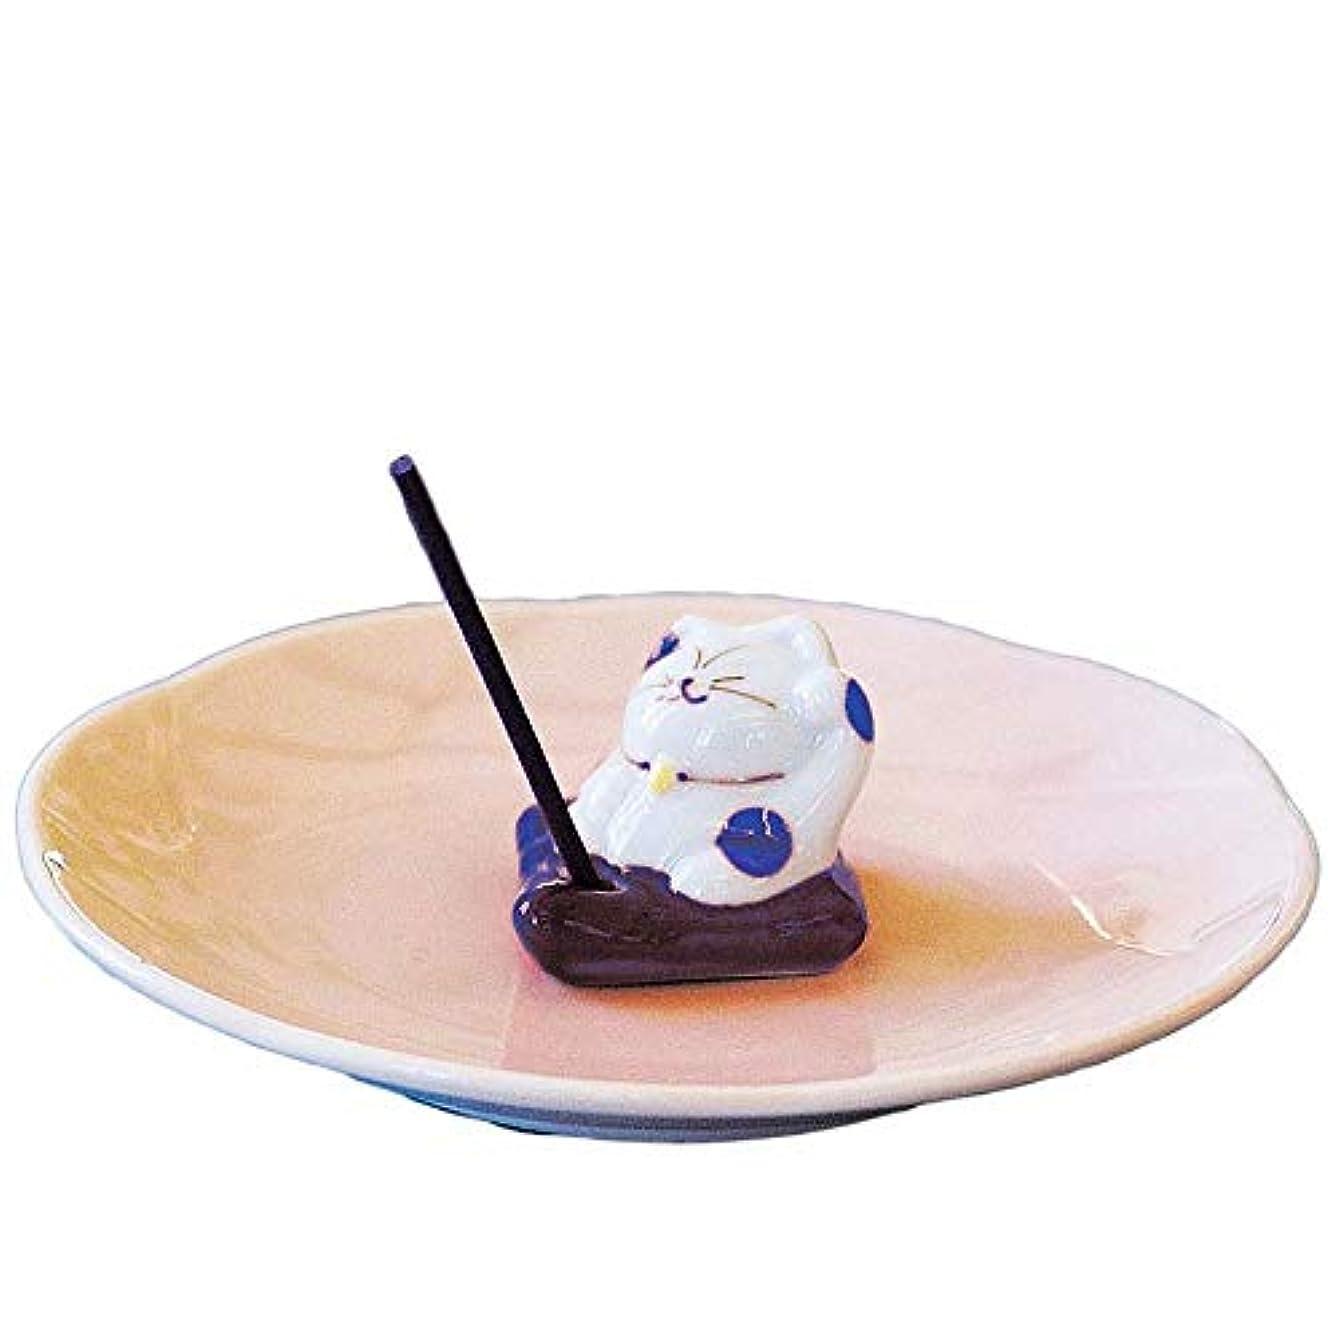 チョップ正気ボイド香皿 香立て/ザブトンネコ 香皿 ブルー/香り アロマ 癒やし リラックス インテリア プレゼント 贈り物